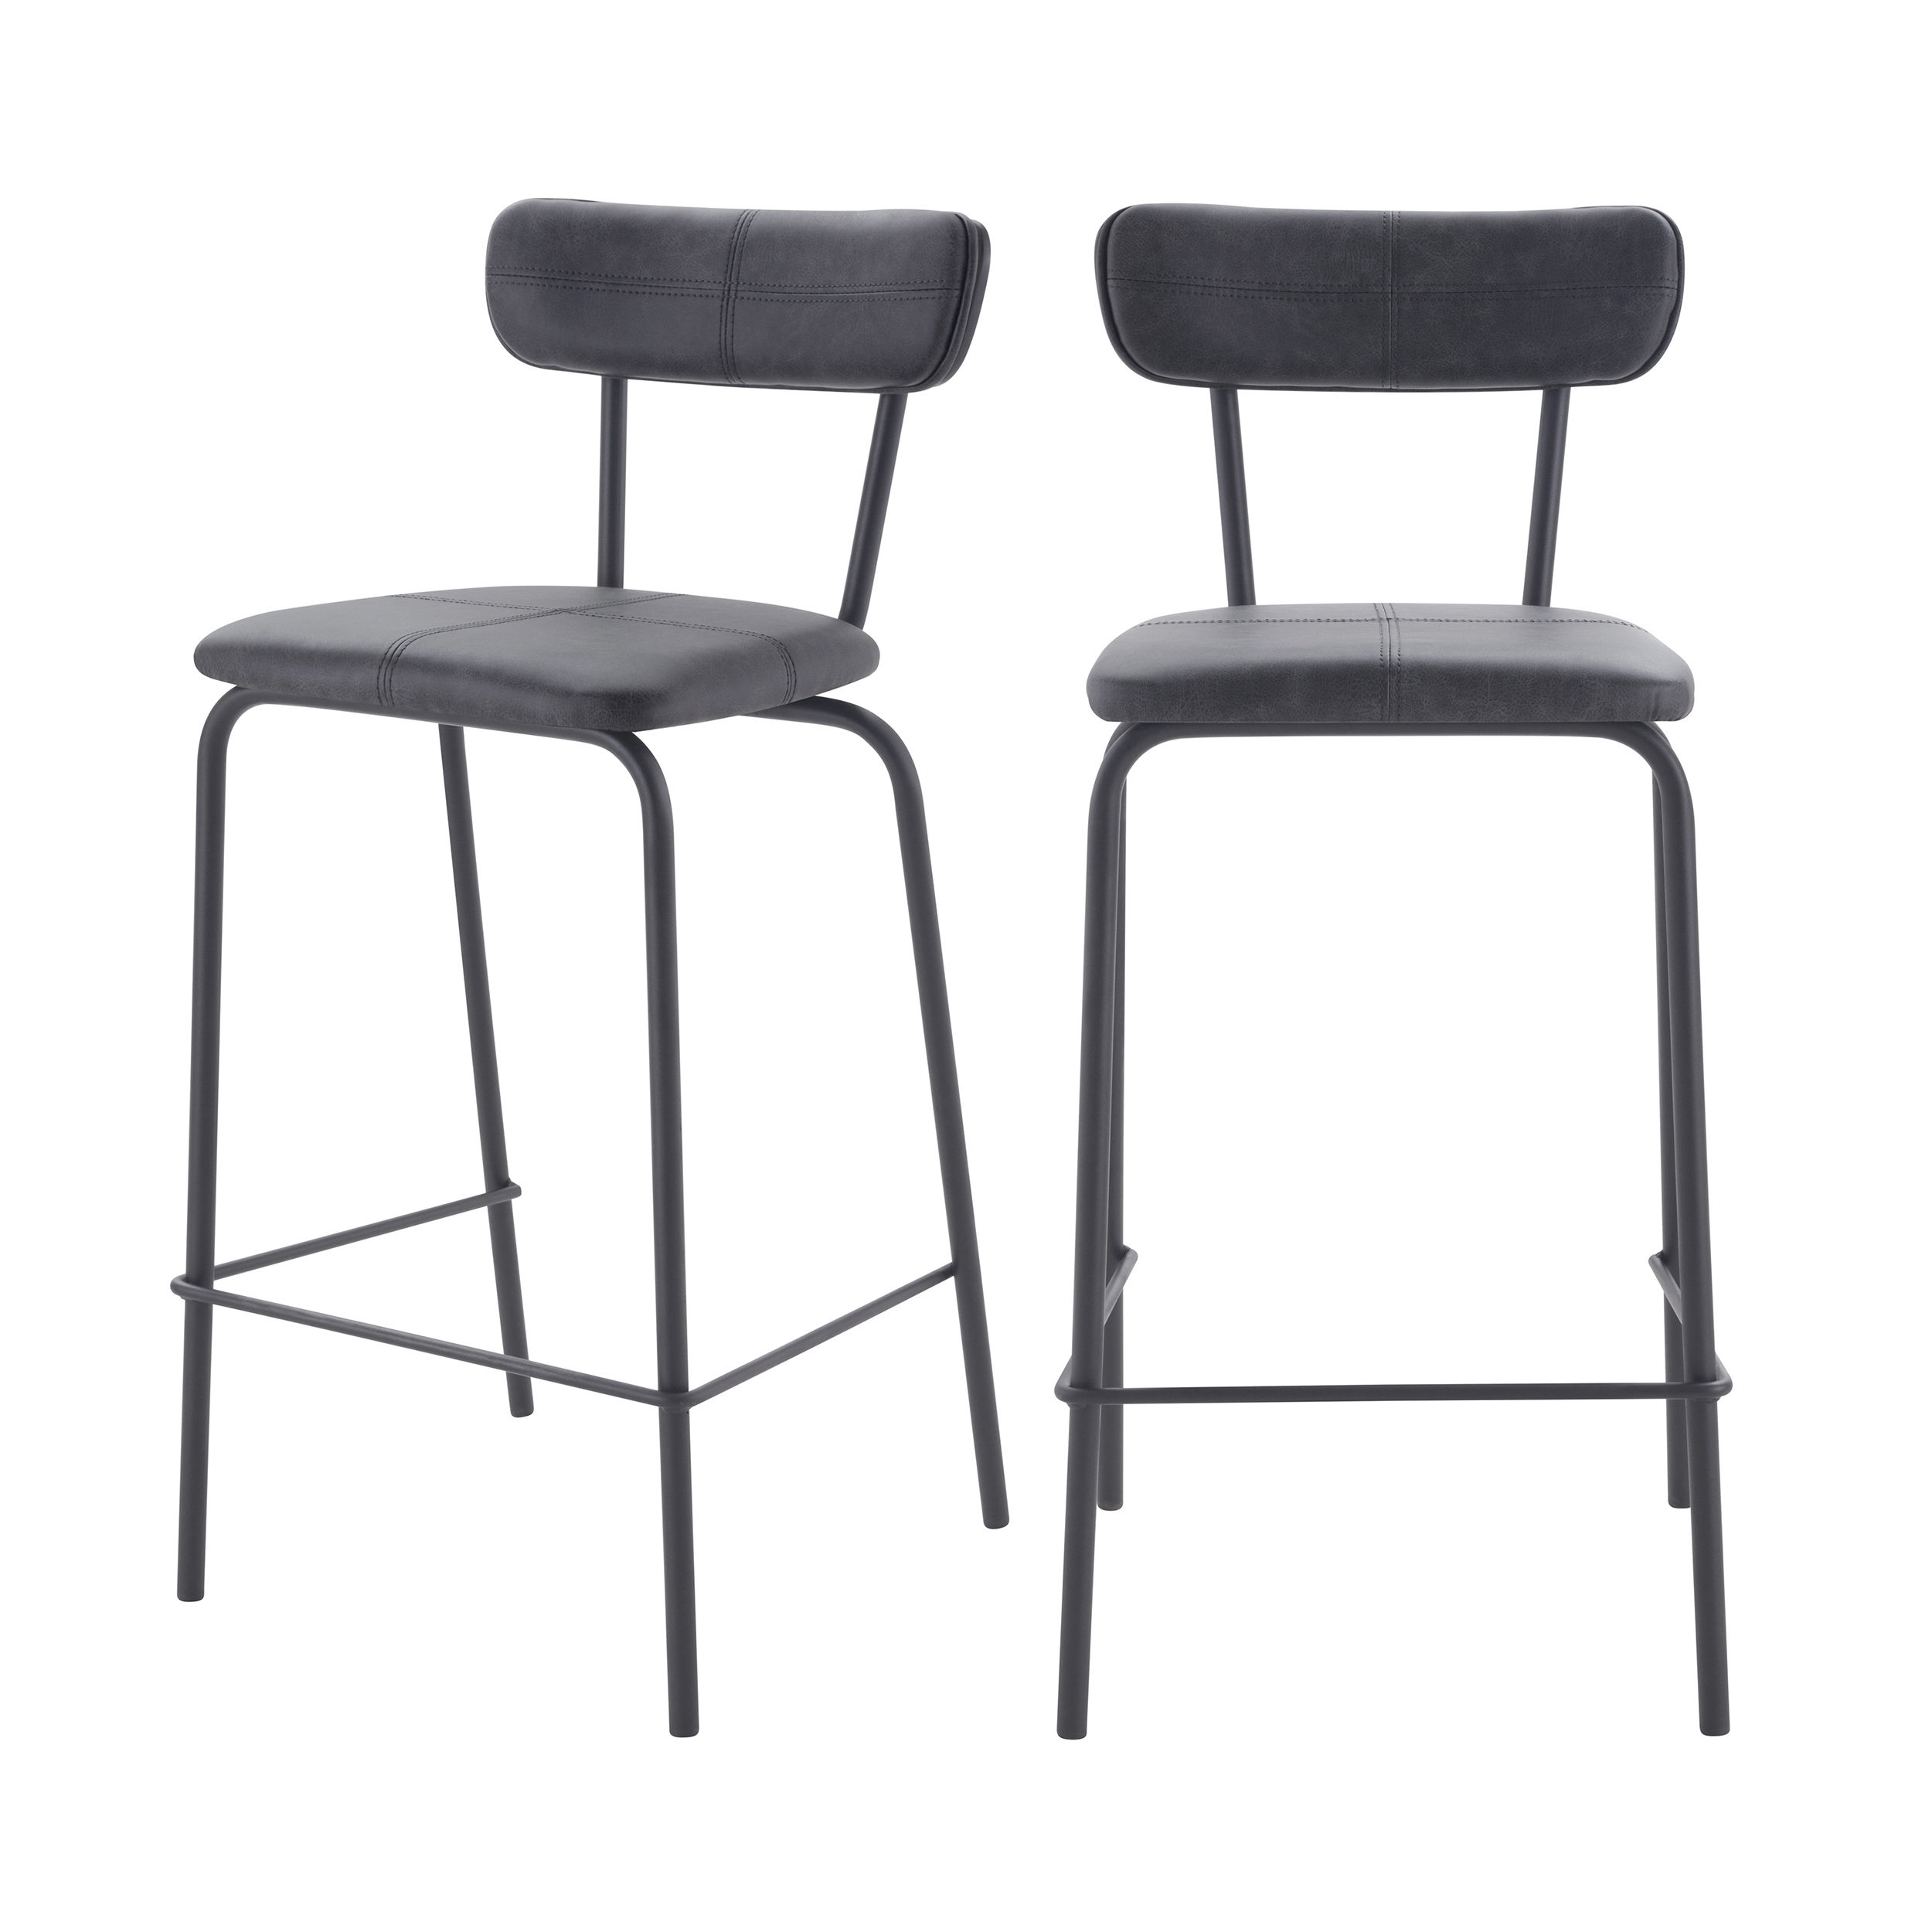 Chaise de bar mi-hauteur 65 cm gris anthracite (lot de 2)